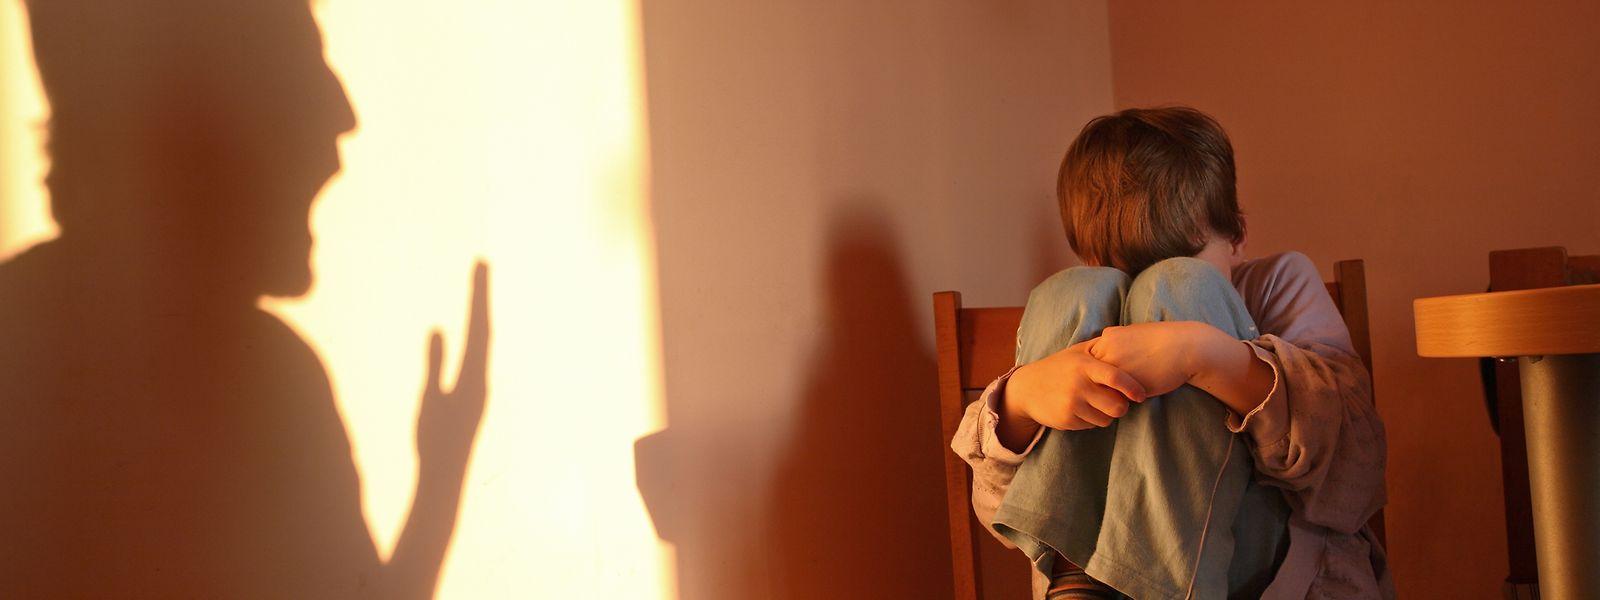 Minderjährigen, die Gewalt ausgesetzt sind, soll schnell geholfen werden.